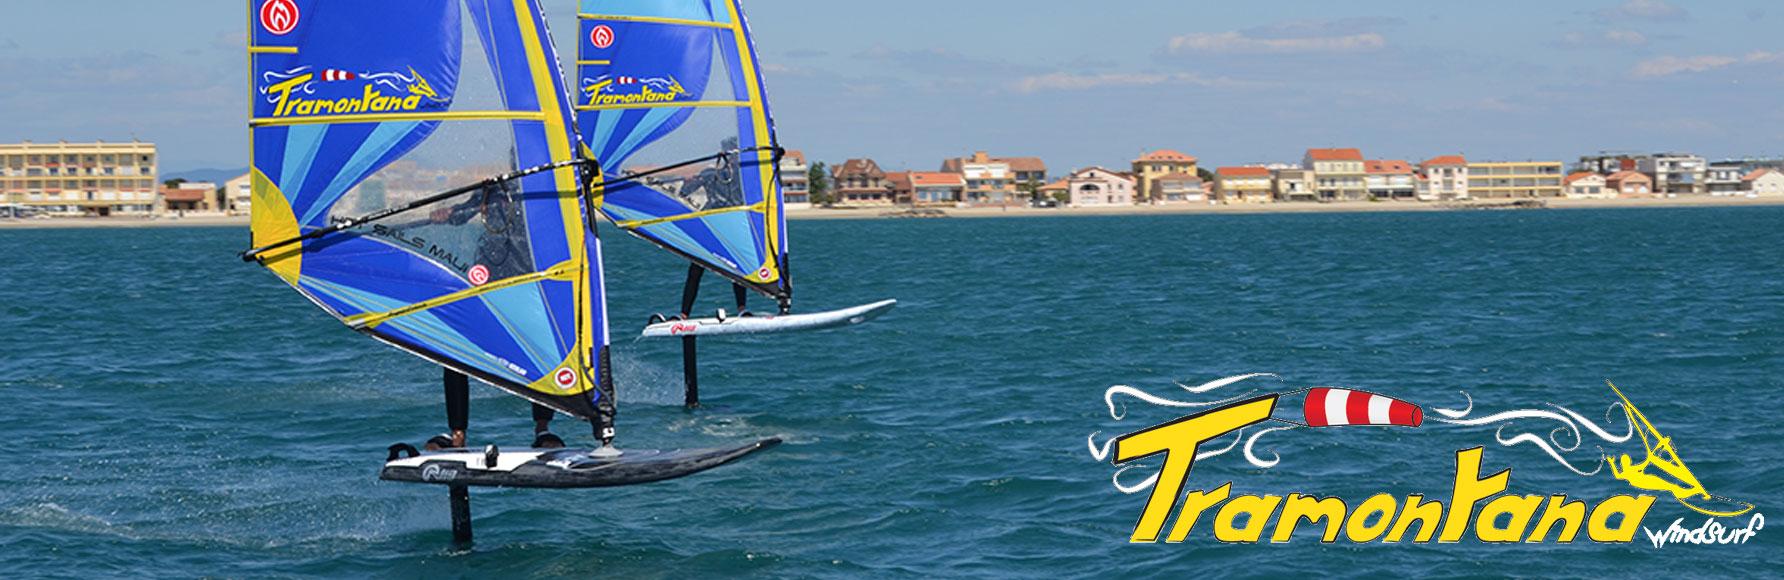 Tramontana Windsurf, die mobile Windsurfschule nach deinen Wünschen!